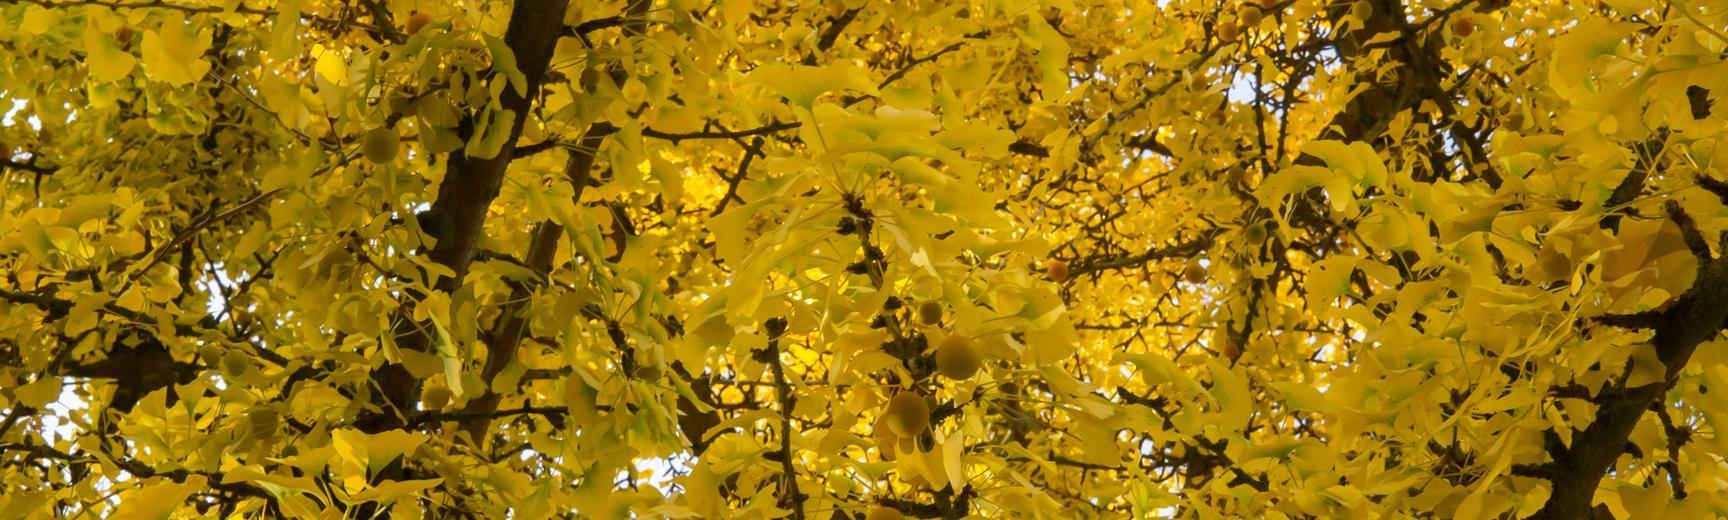 gingko tree at oxford botanic garden